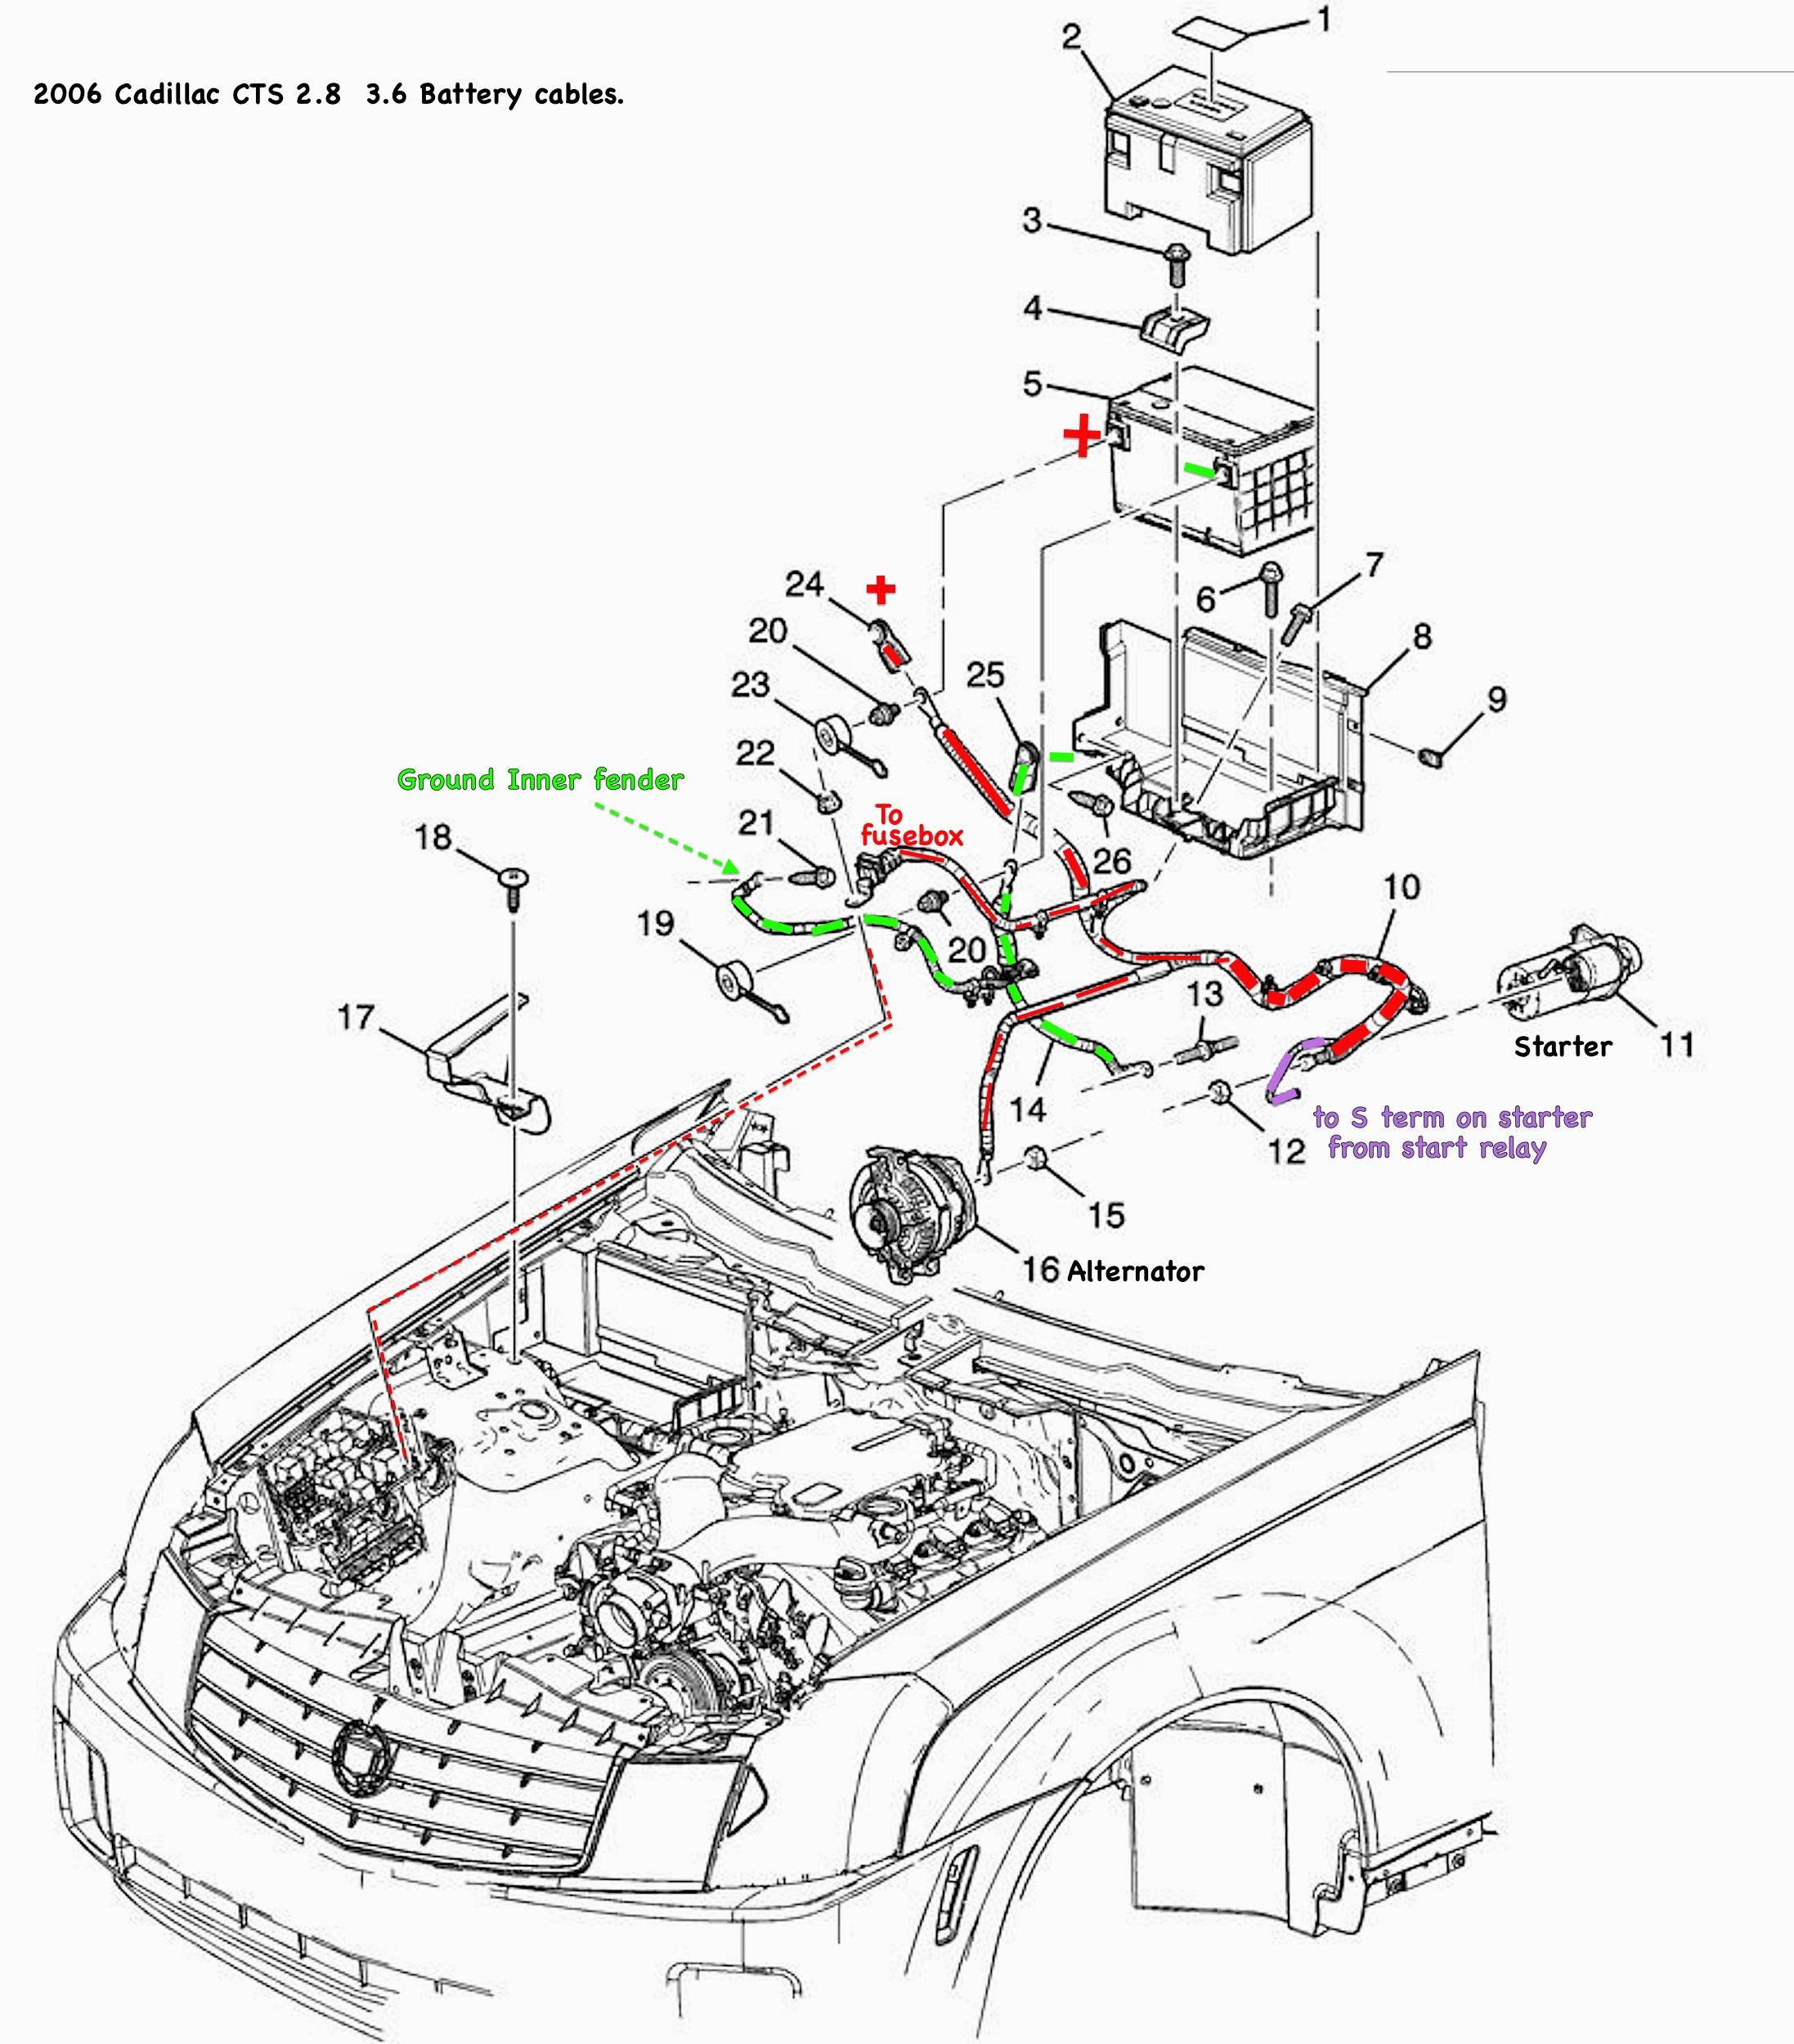 Enjoyable Buick Lucerne Starter Wiring Diagram Wiring Library Wiring Cloud Intelaidewilluminateatxorg